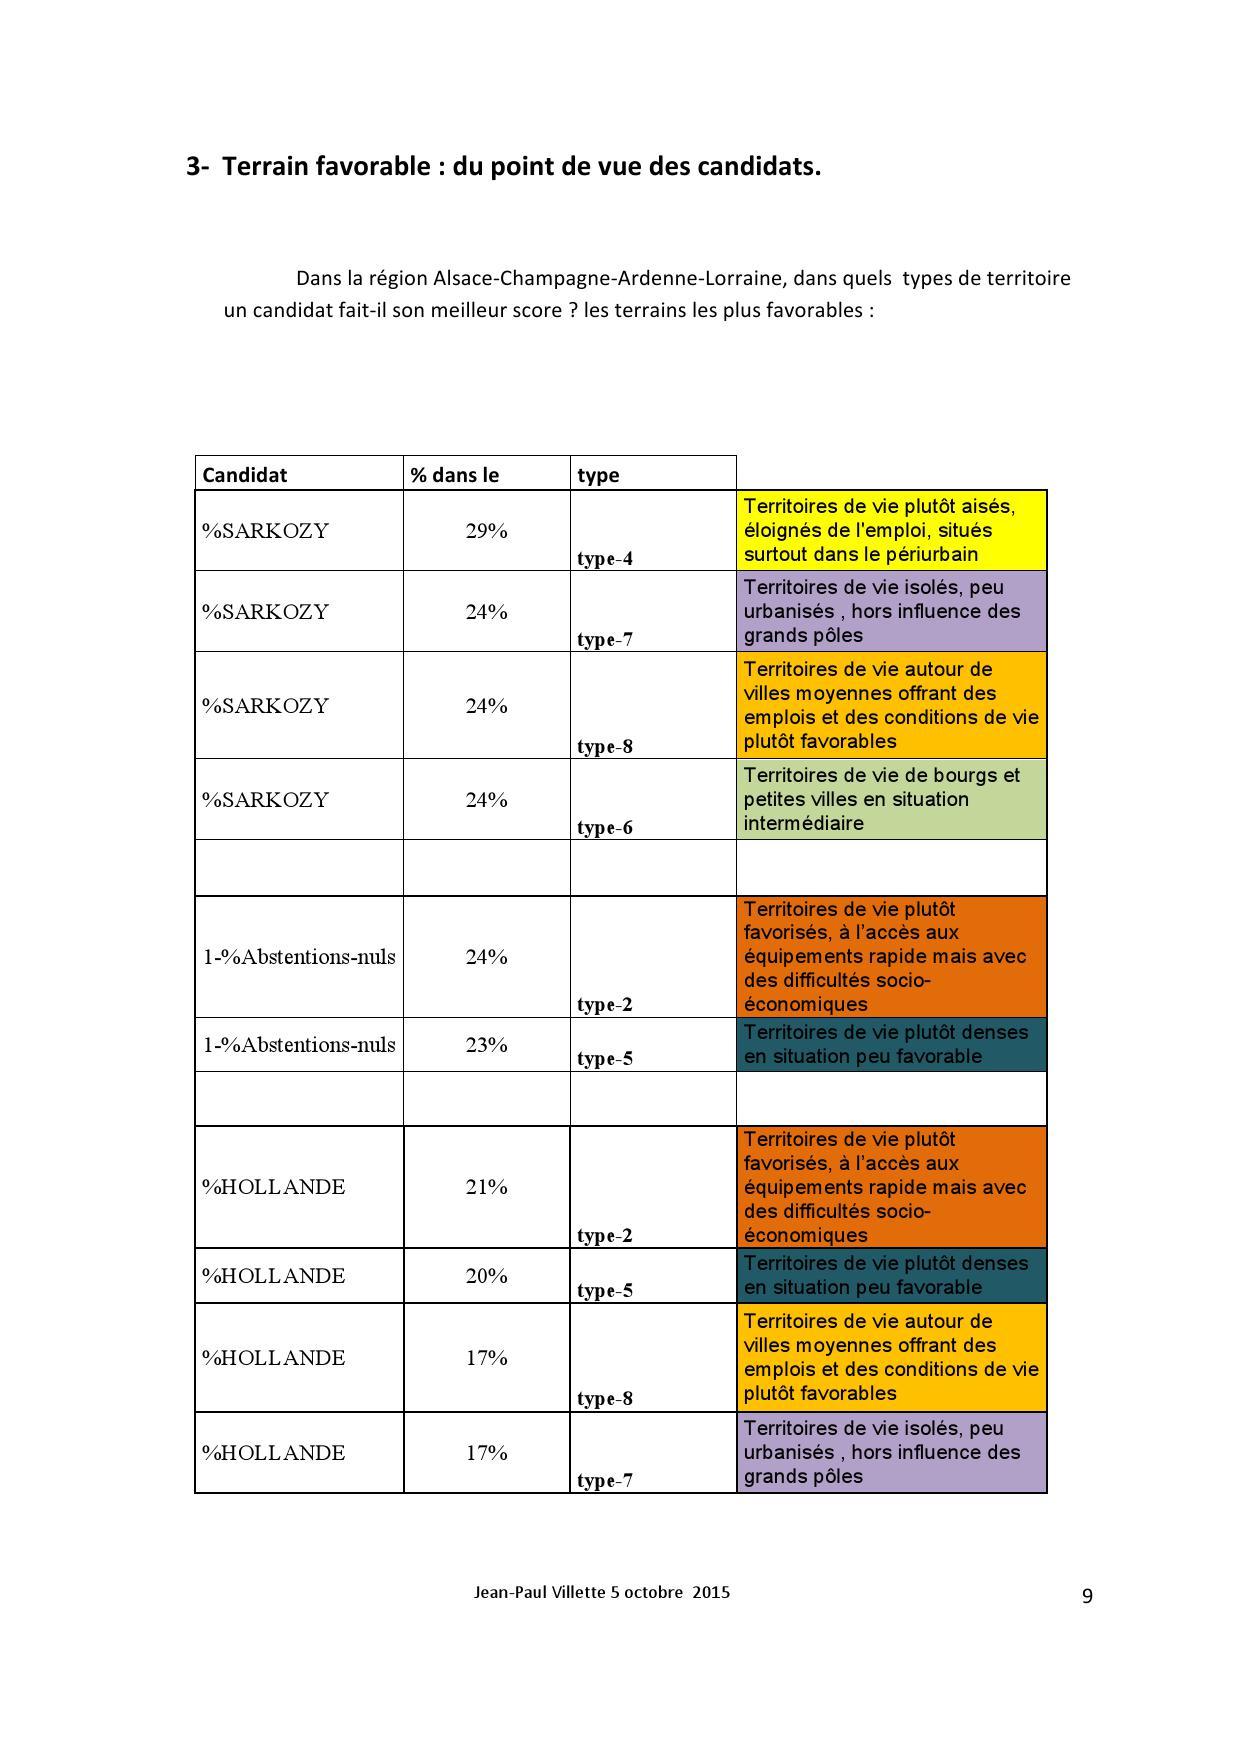 qualité de vie des territoires Jean-Paul Villette 4 octobre 2015_000009.jpg